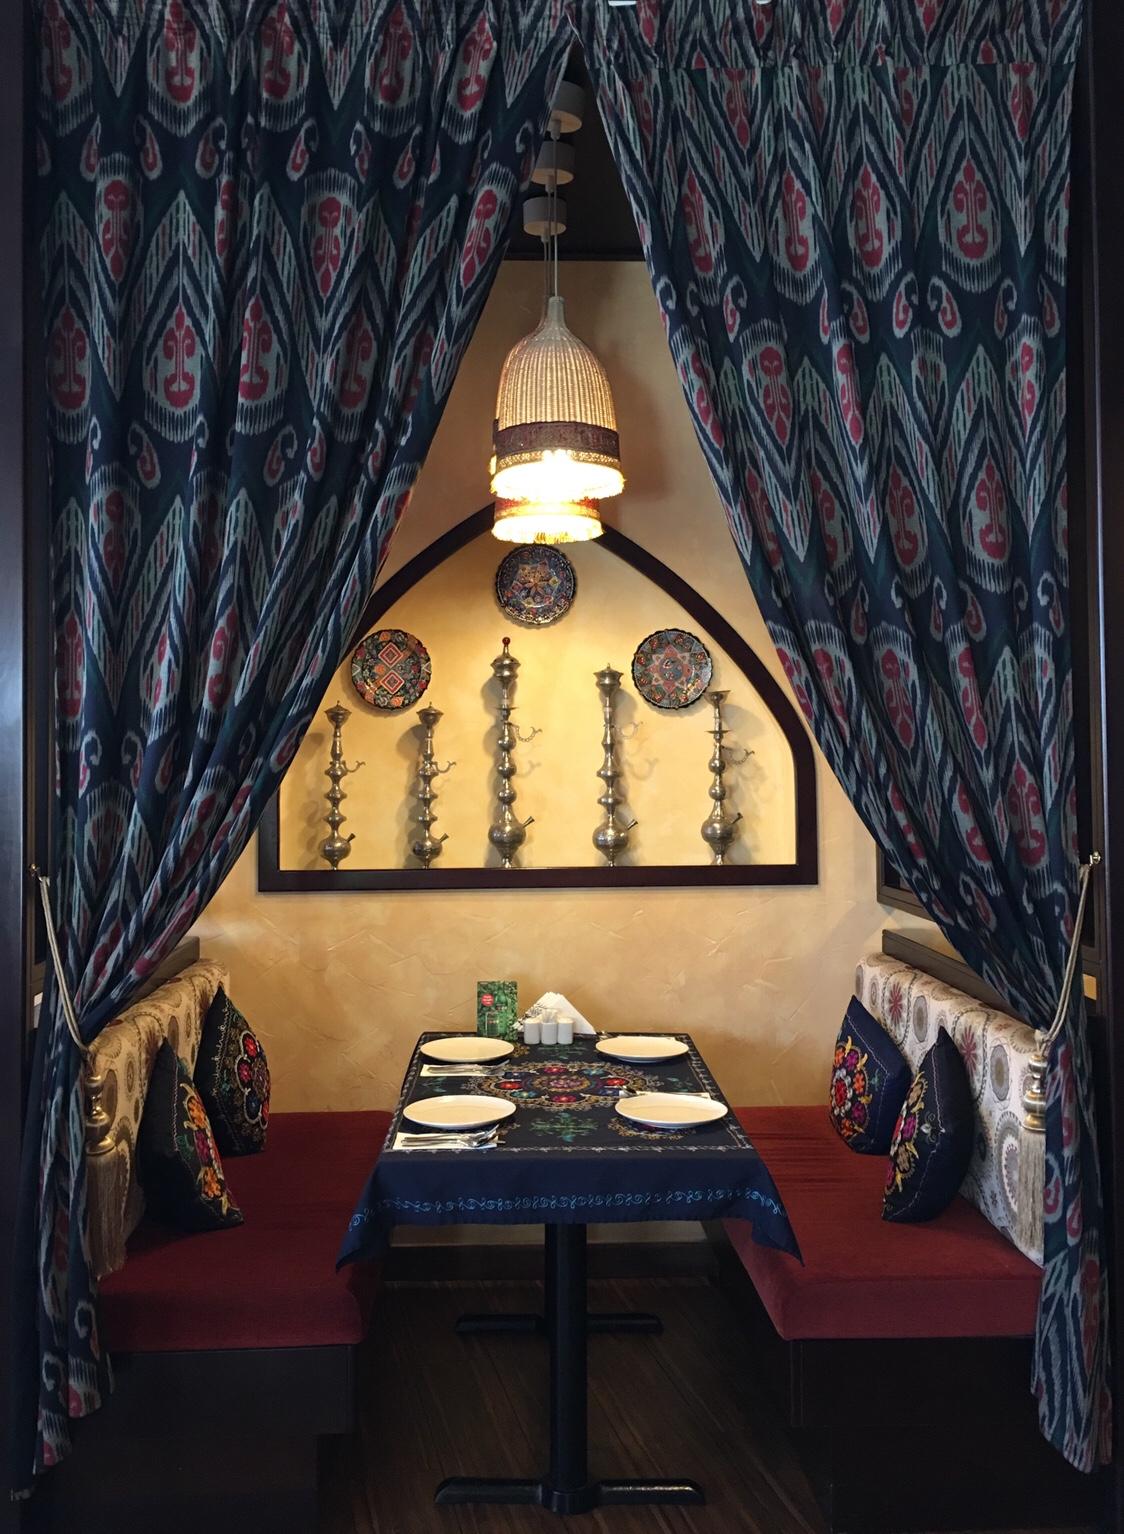 Uzbek restaurant in Dubai